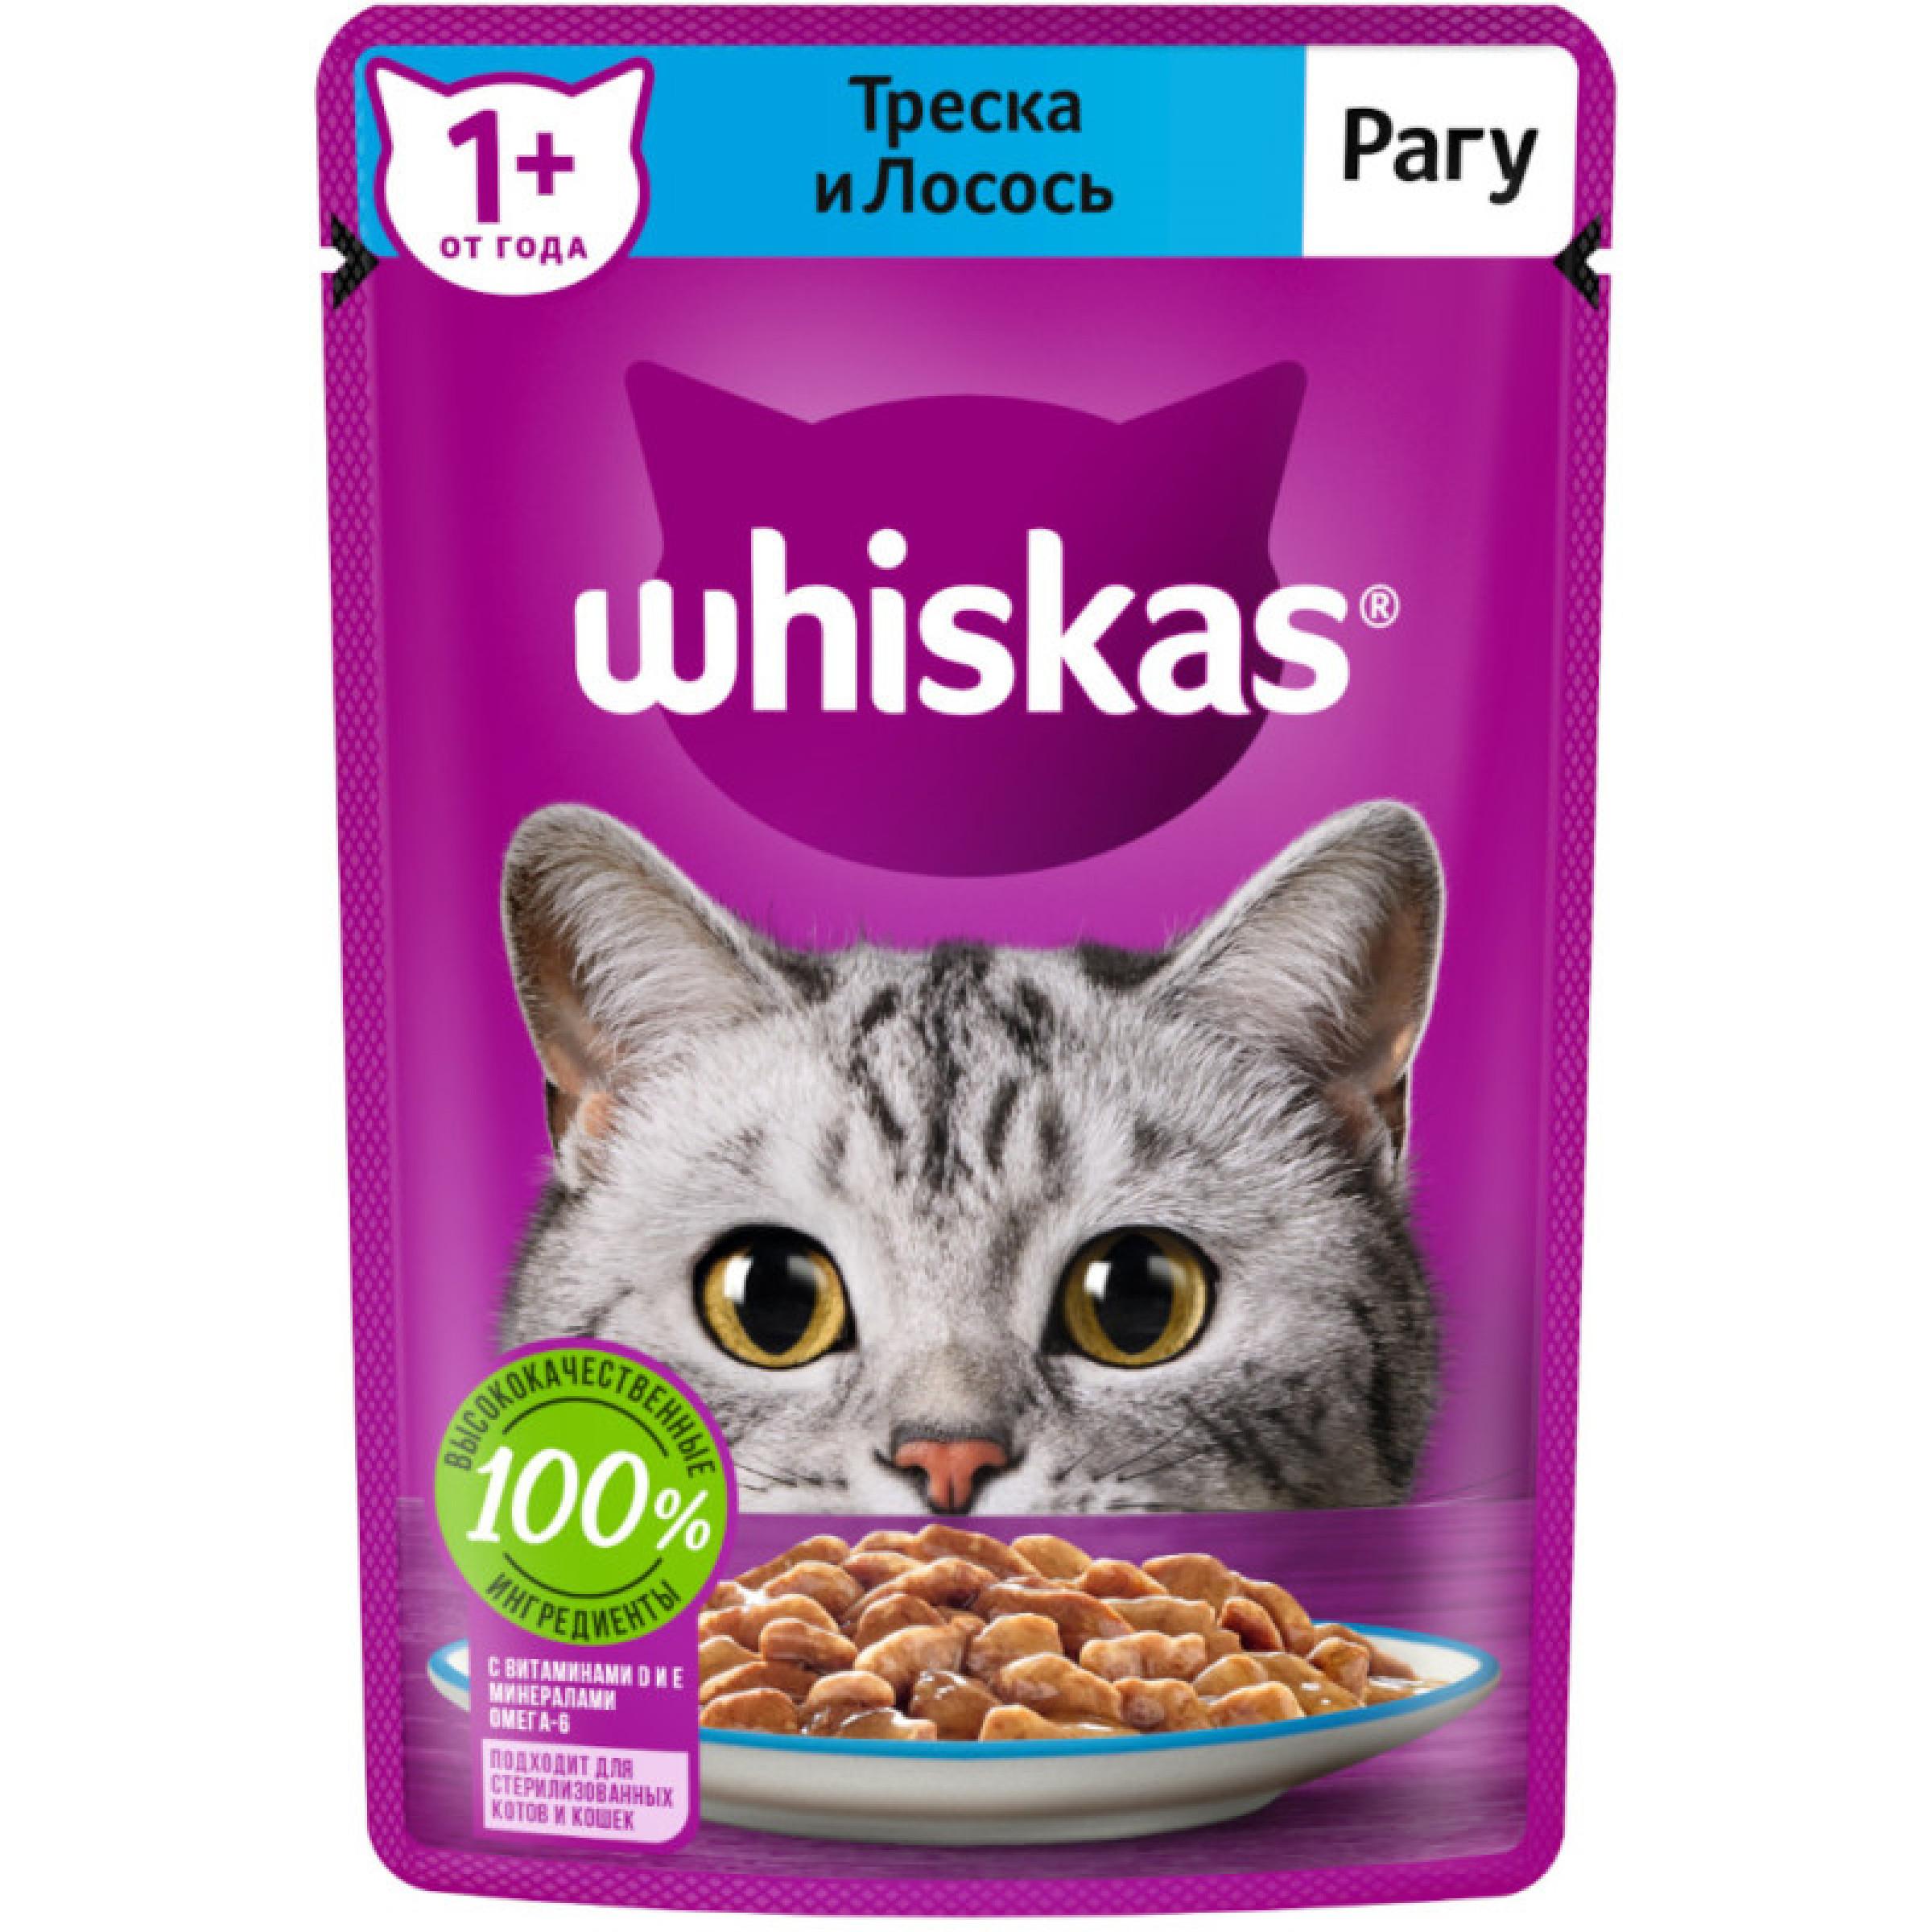 Влажный корм для кошек Whiskas рагу с треской и лососем, 75 г